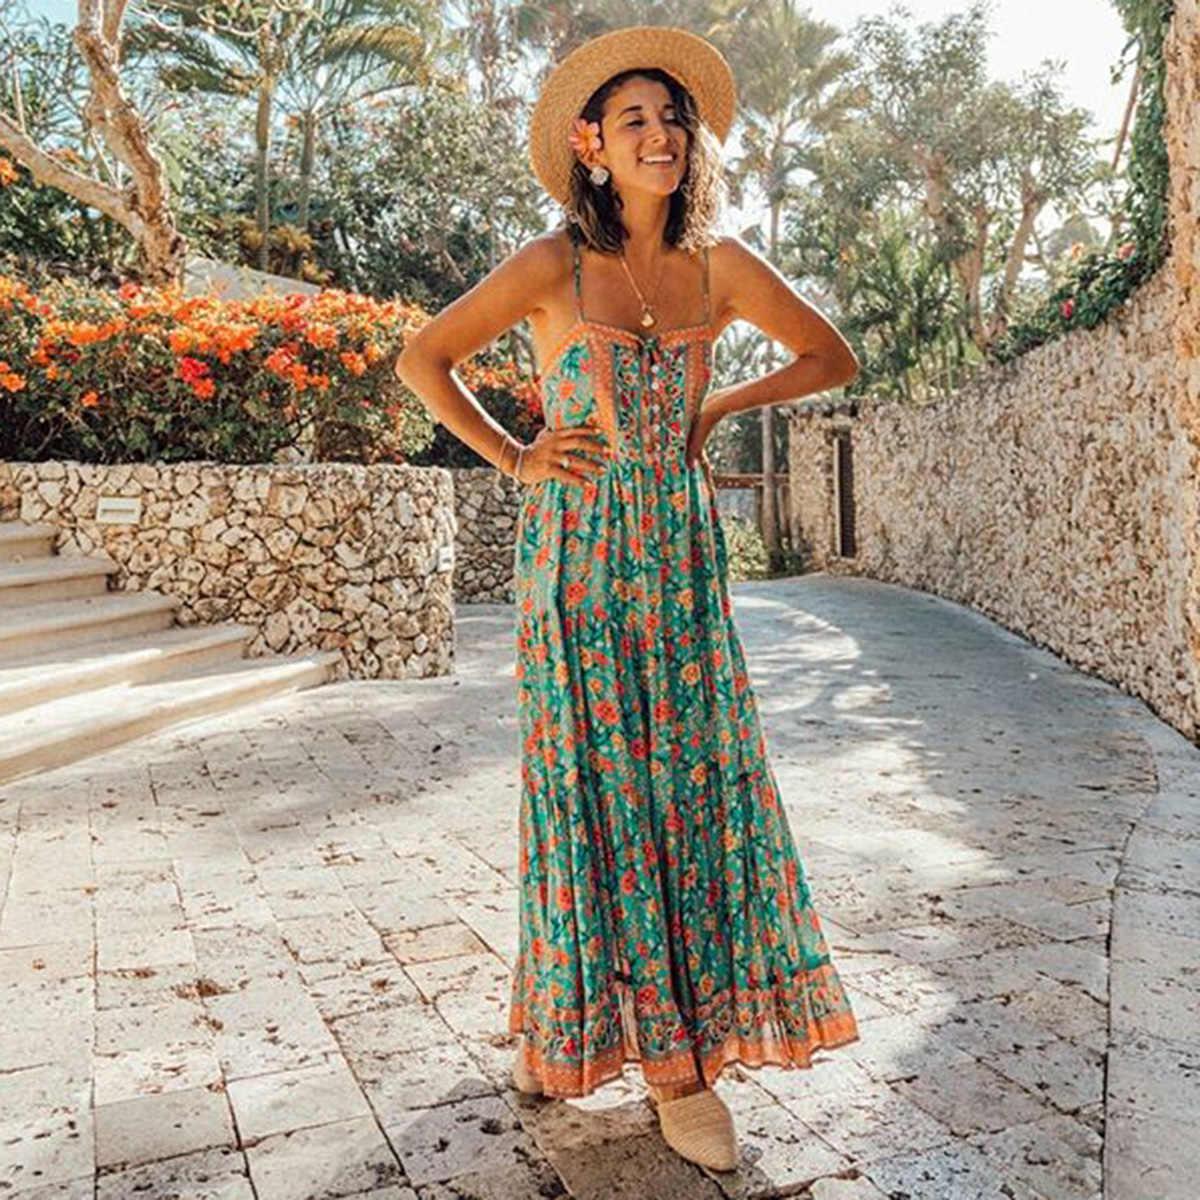 Jastie летнее платье без рукавов Женская одежда 2019 элегантные длинные платья с цветочным принтом Бохо Макси платье пляжное сексуальное платье на бретелях